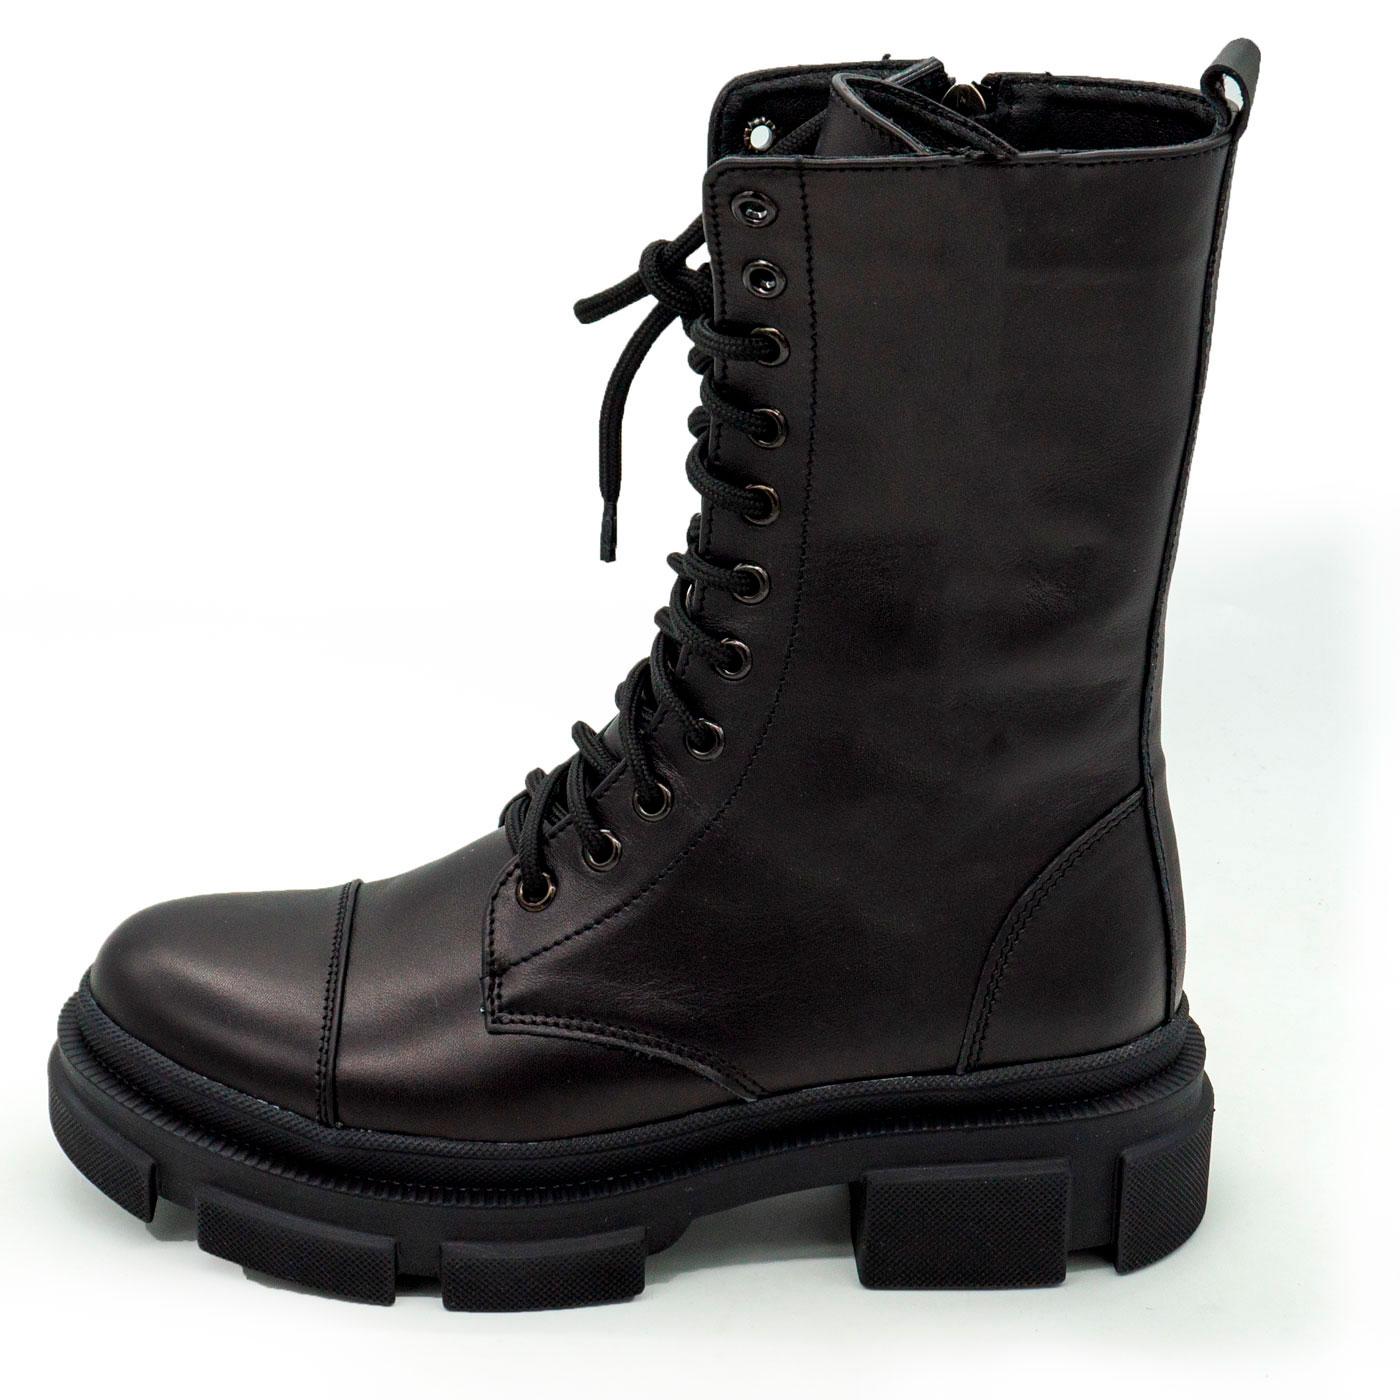 фото main Зимние черные женские ботинки в Dr. Martens на платформе - 0020 main